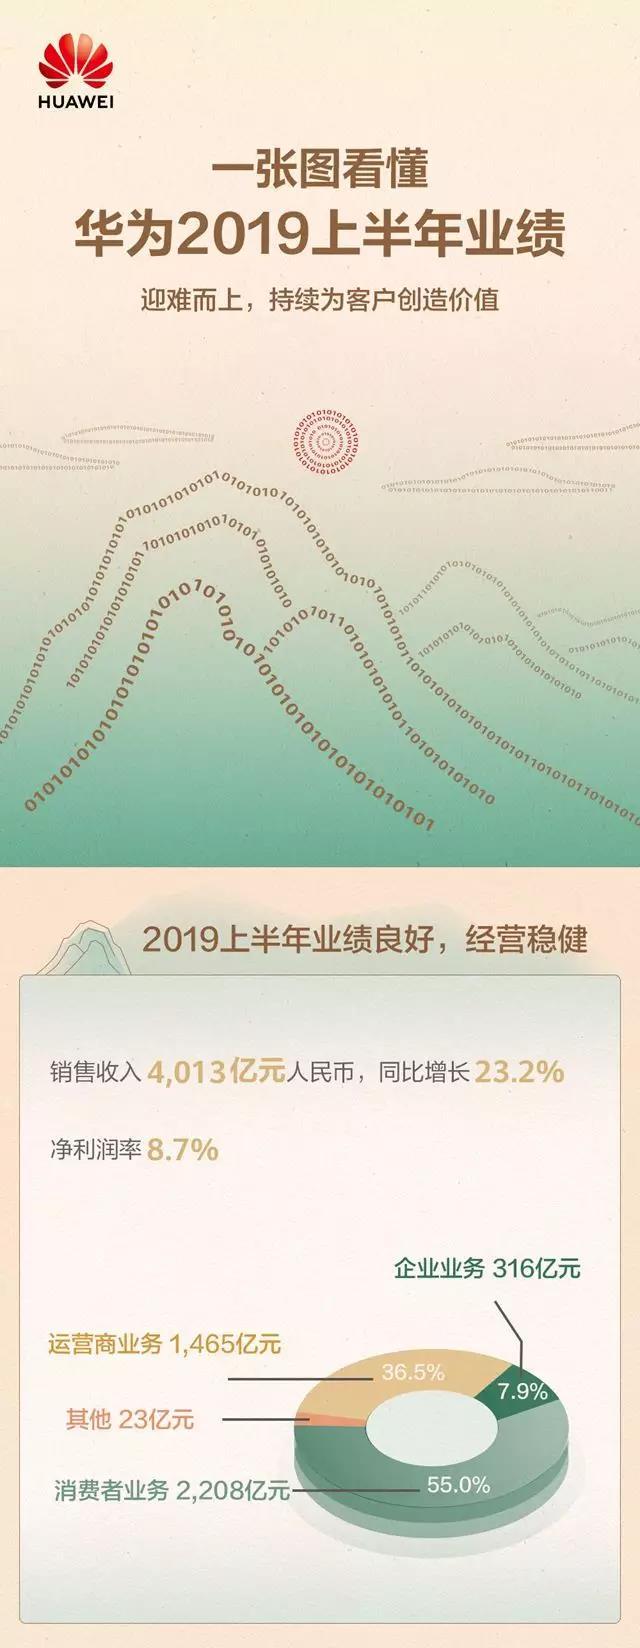 4013亿,同比增长23.2%!一图读懂华为2019上半年业绩